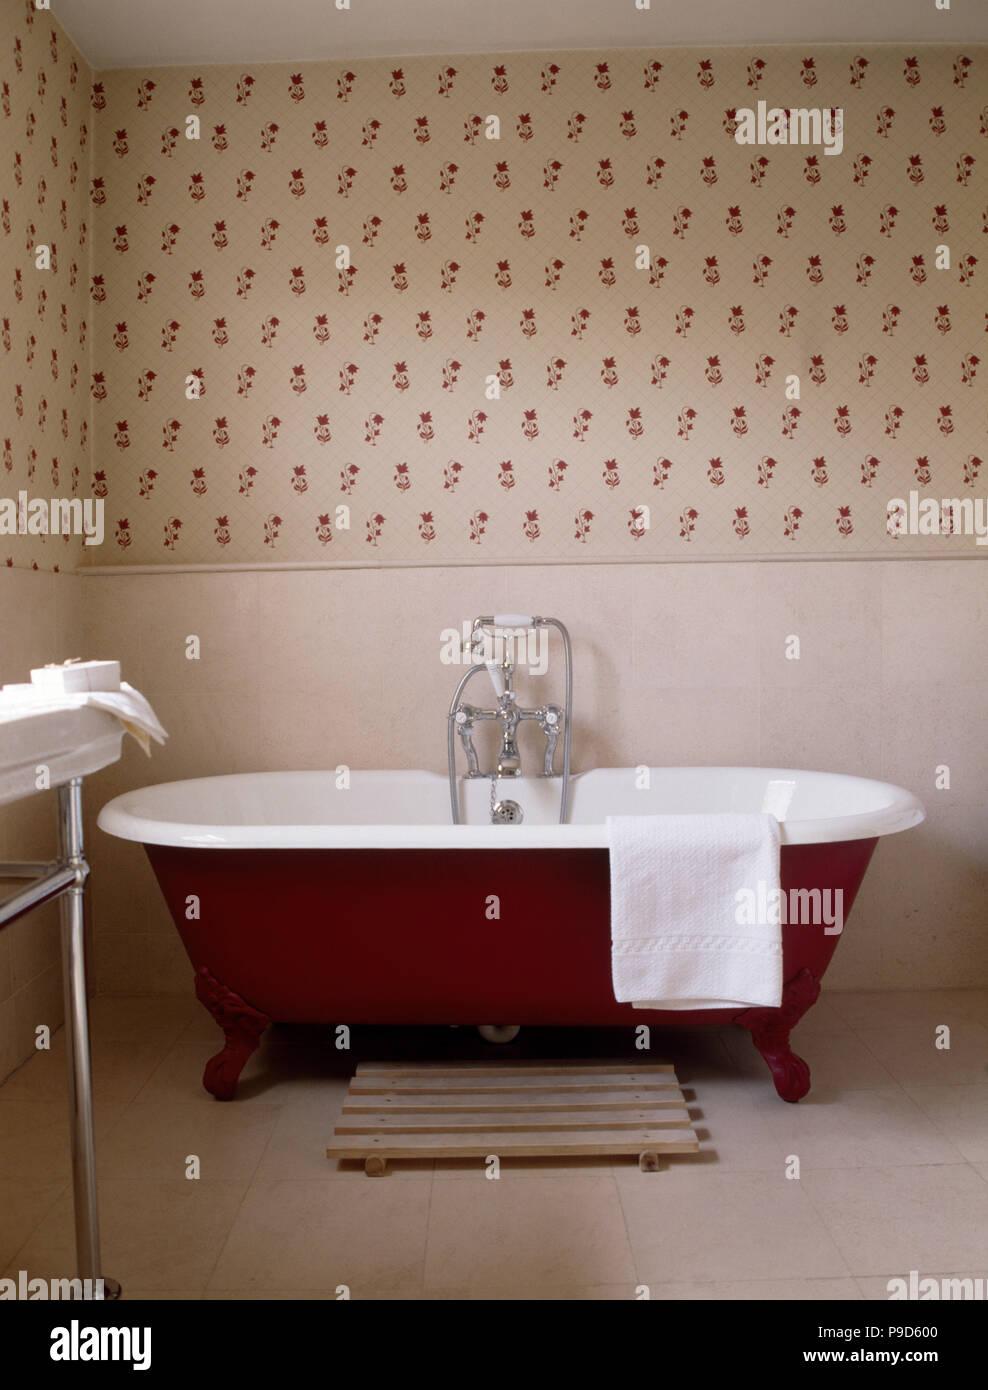 Papier Salle De Bain baignoire rouge dans salle de bain traditionnelle avec